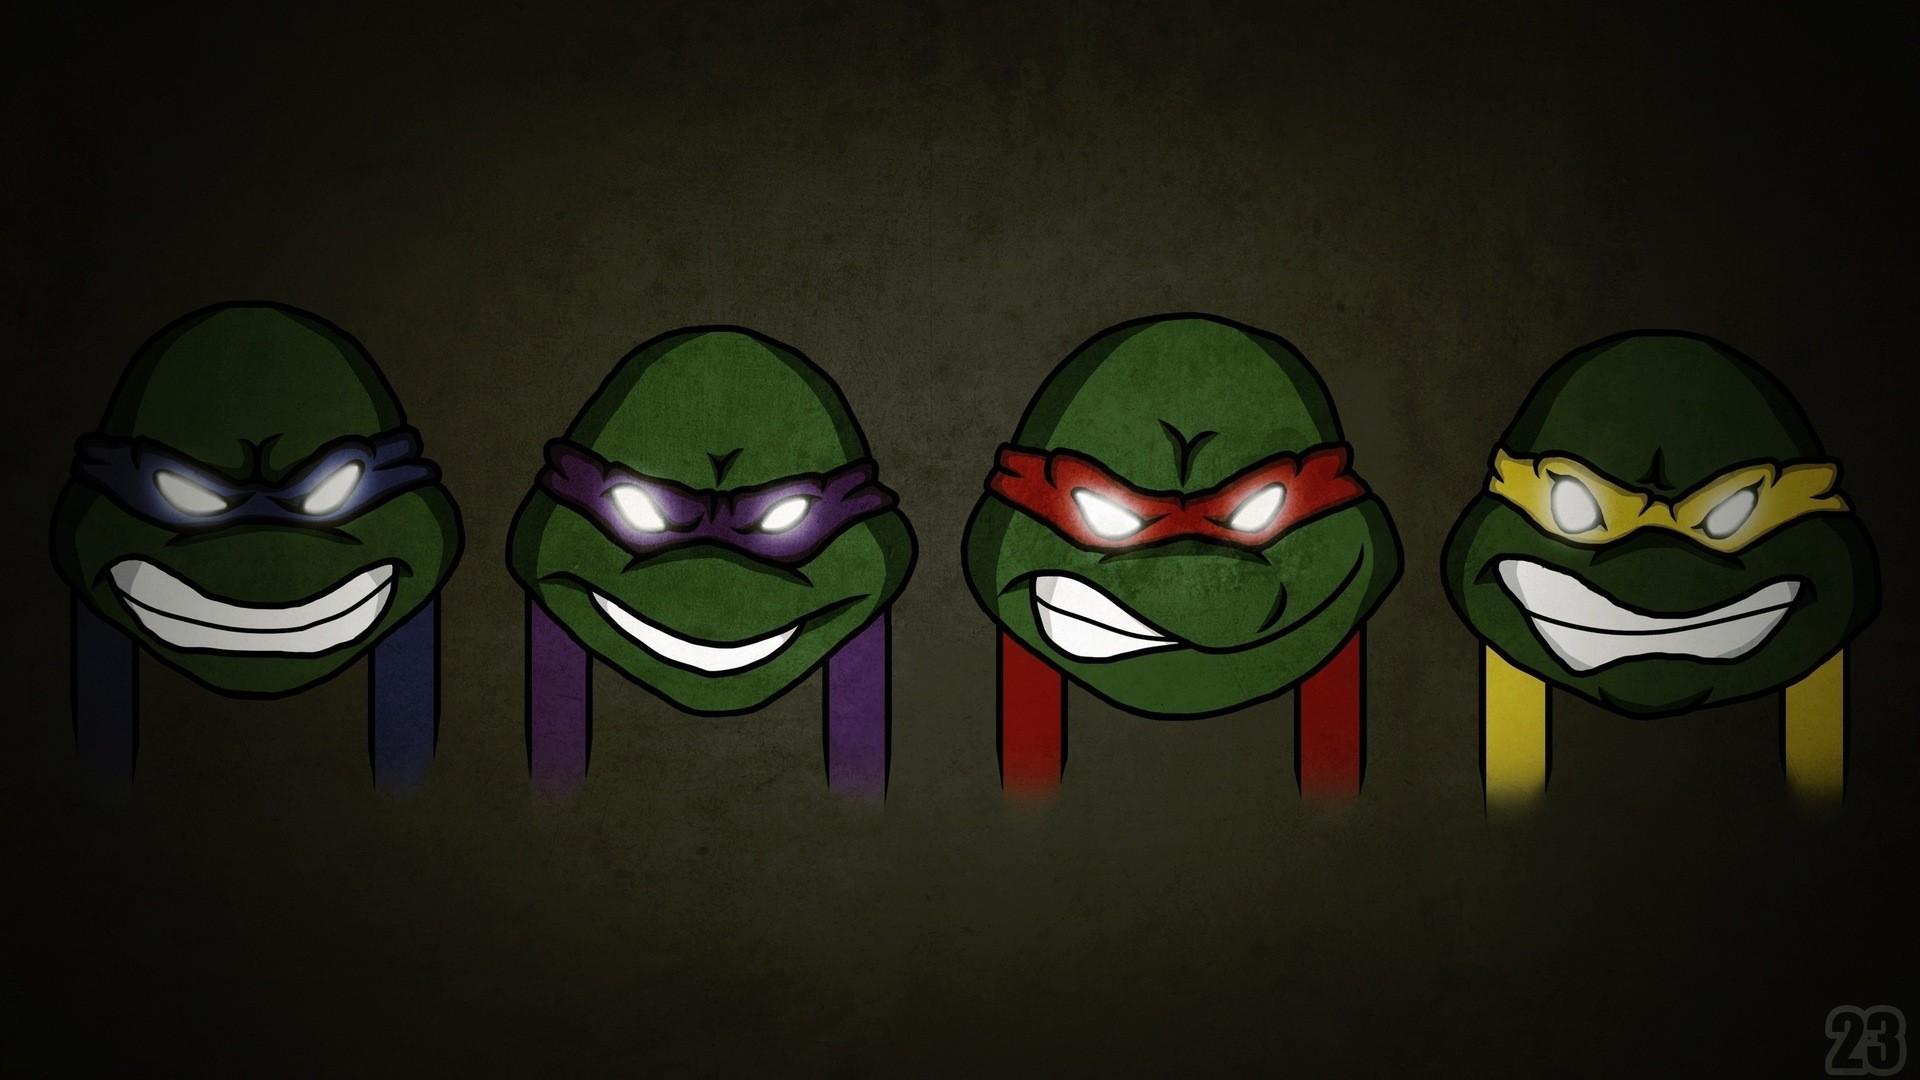 Cartoon Cute Ninja Turtles